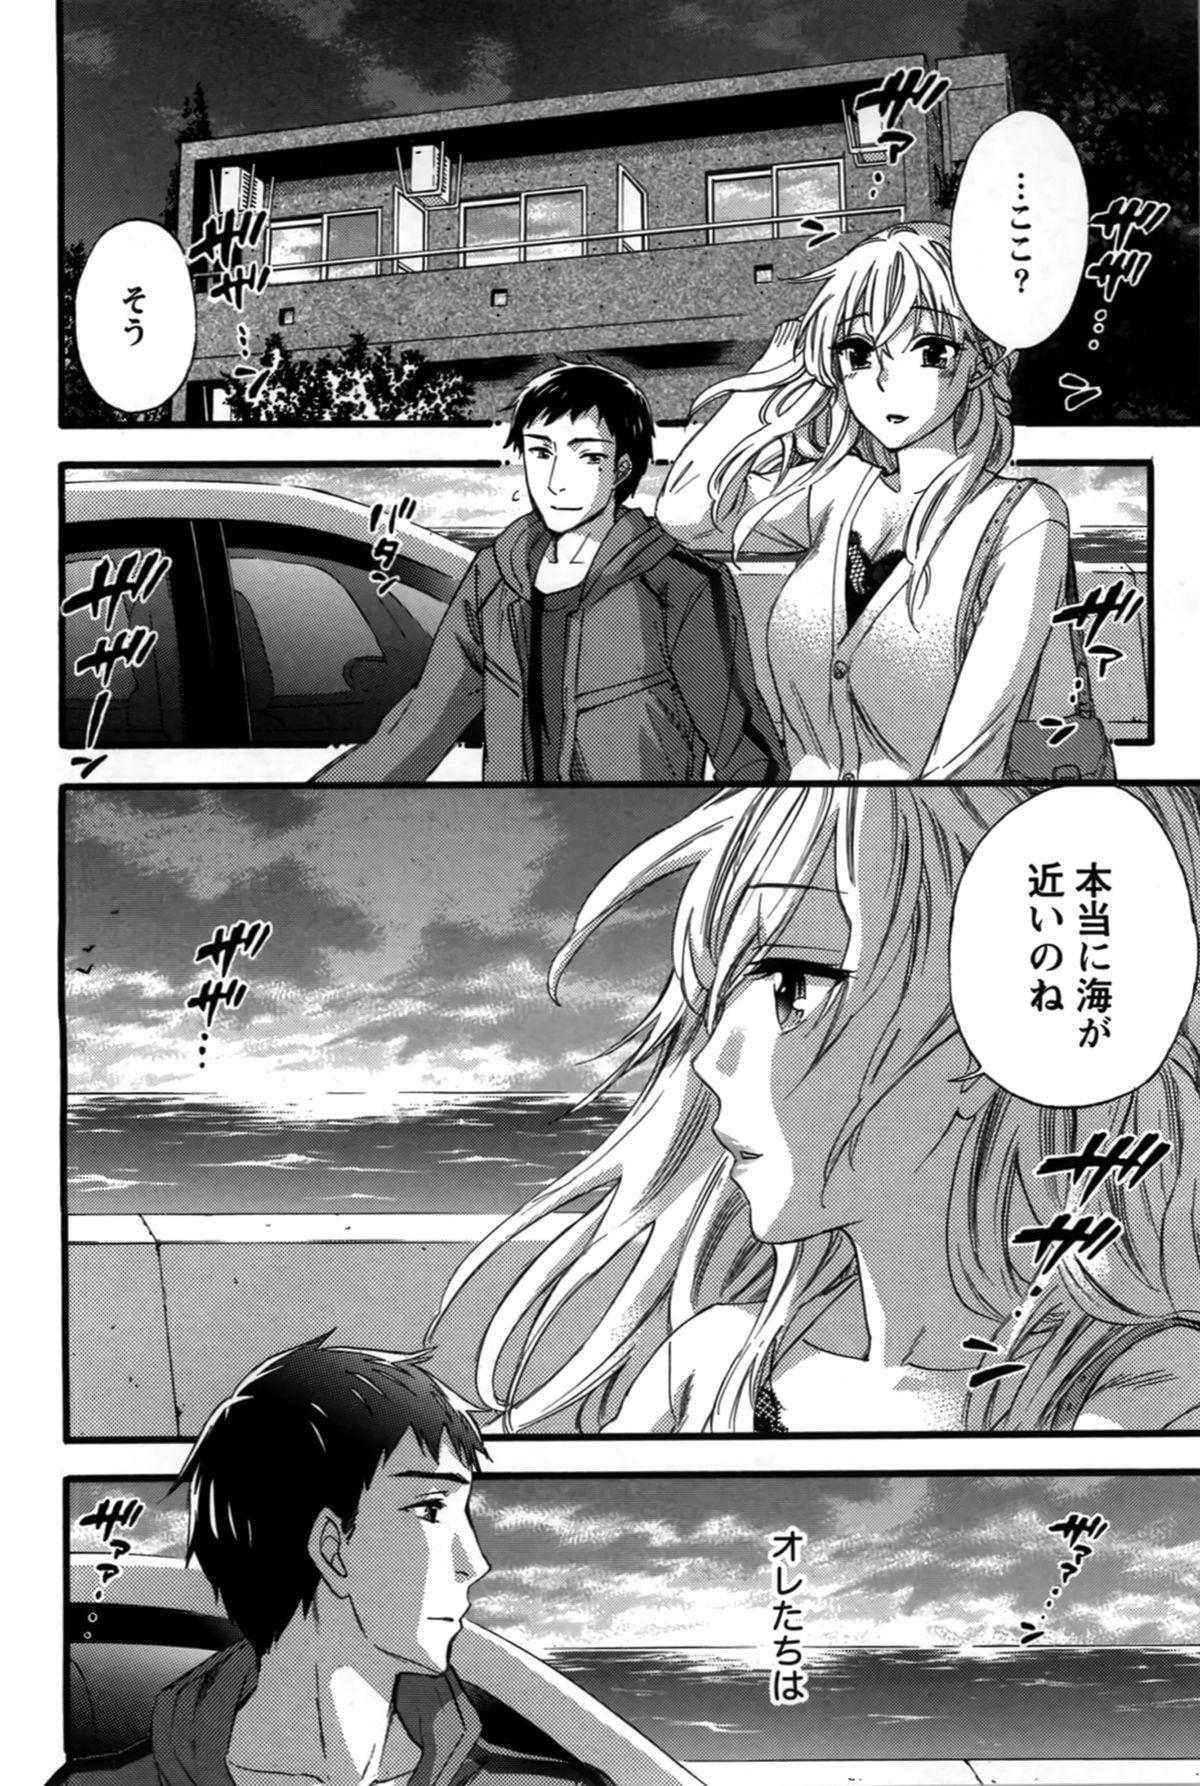 Anata to Watashi wa Warukunai 174